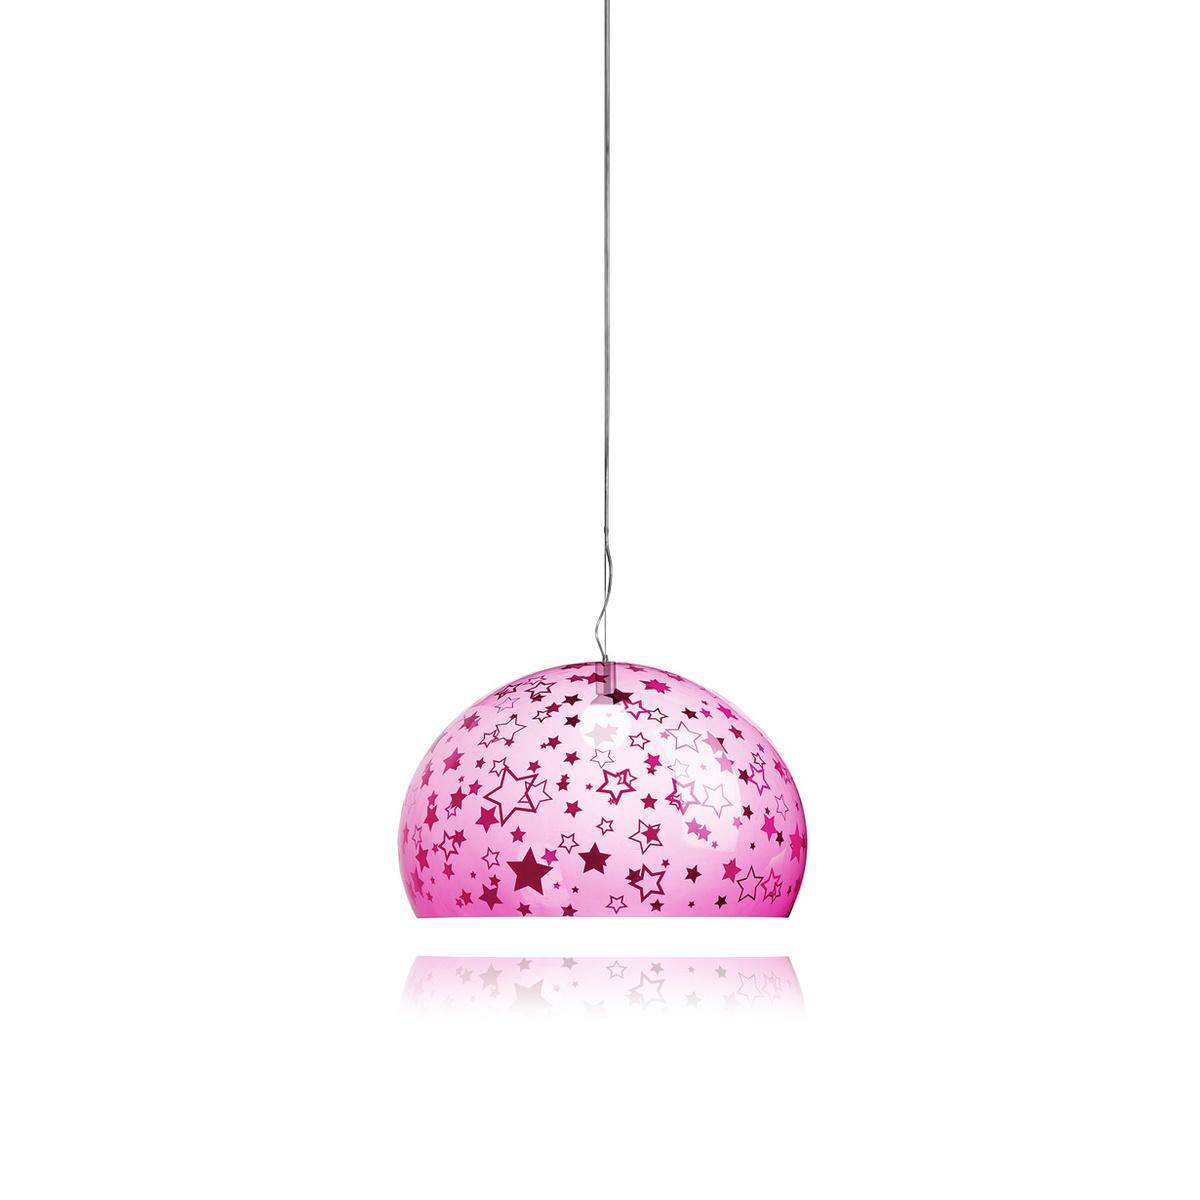 Lampadari Per Stanza Ragazzi lampadario per bambini fl/y diam. 38 cm